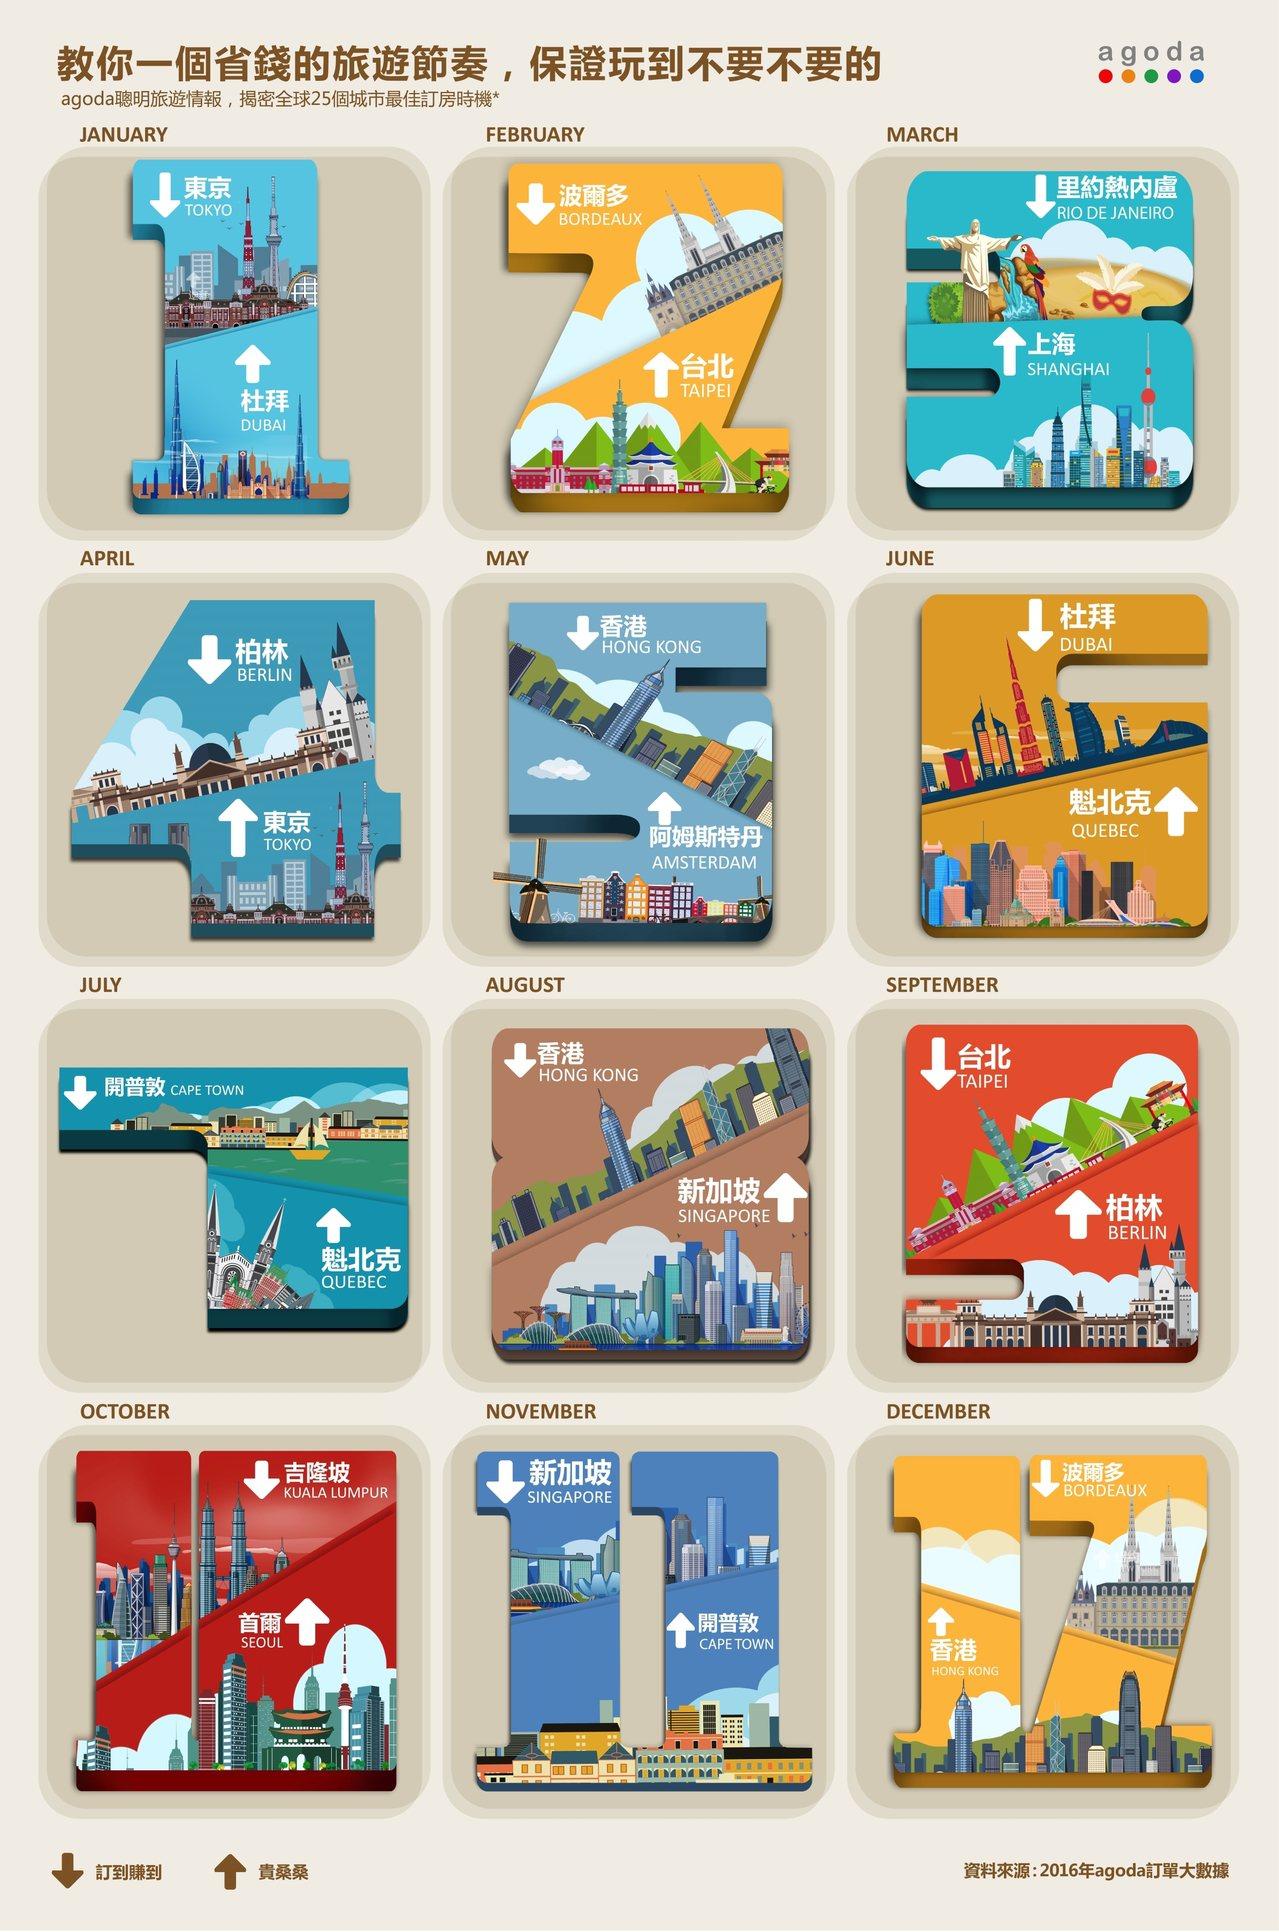 Agoda.com公布2016年全年訂單的大數據統計,分析了包括東京、台北、曼谷...